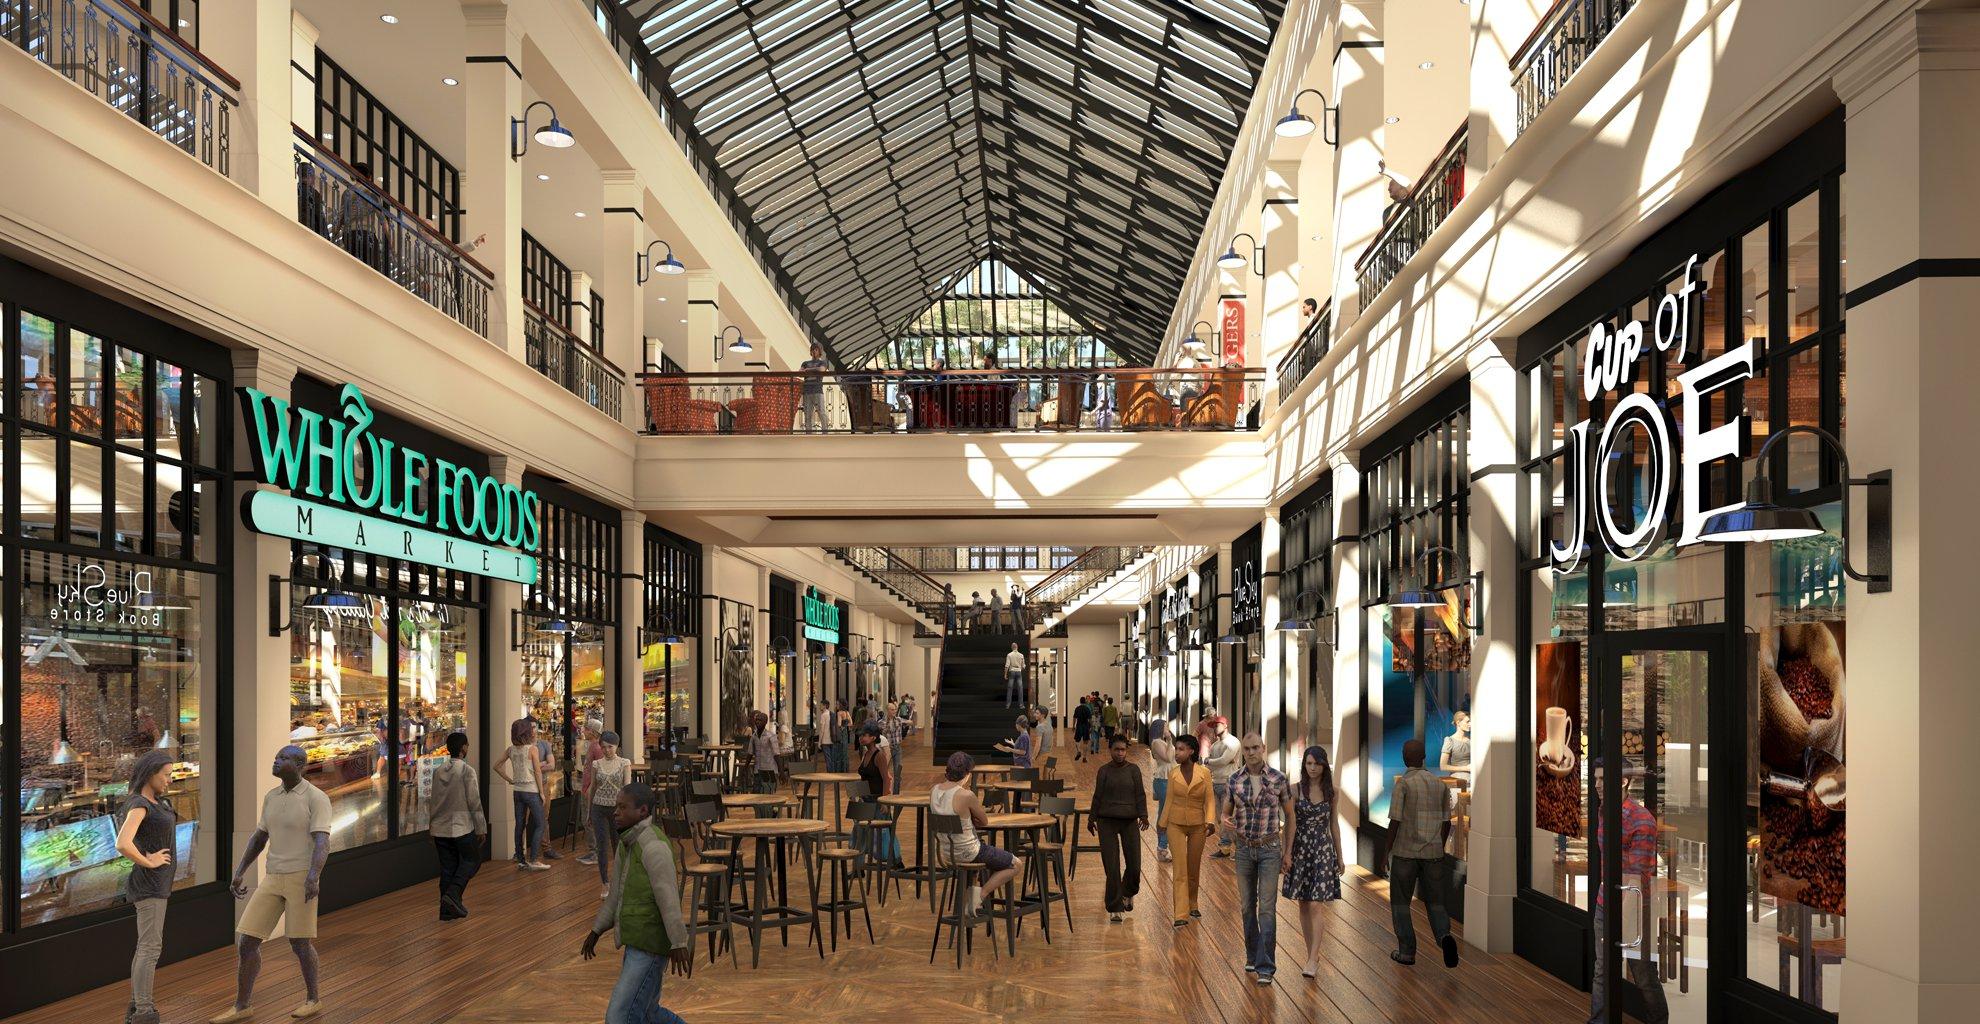 Whole Foods Market  Broad Street Newark Nj